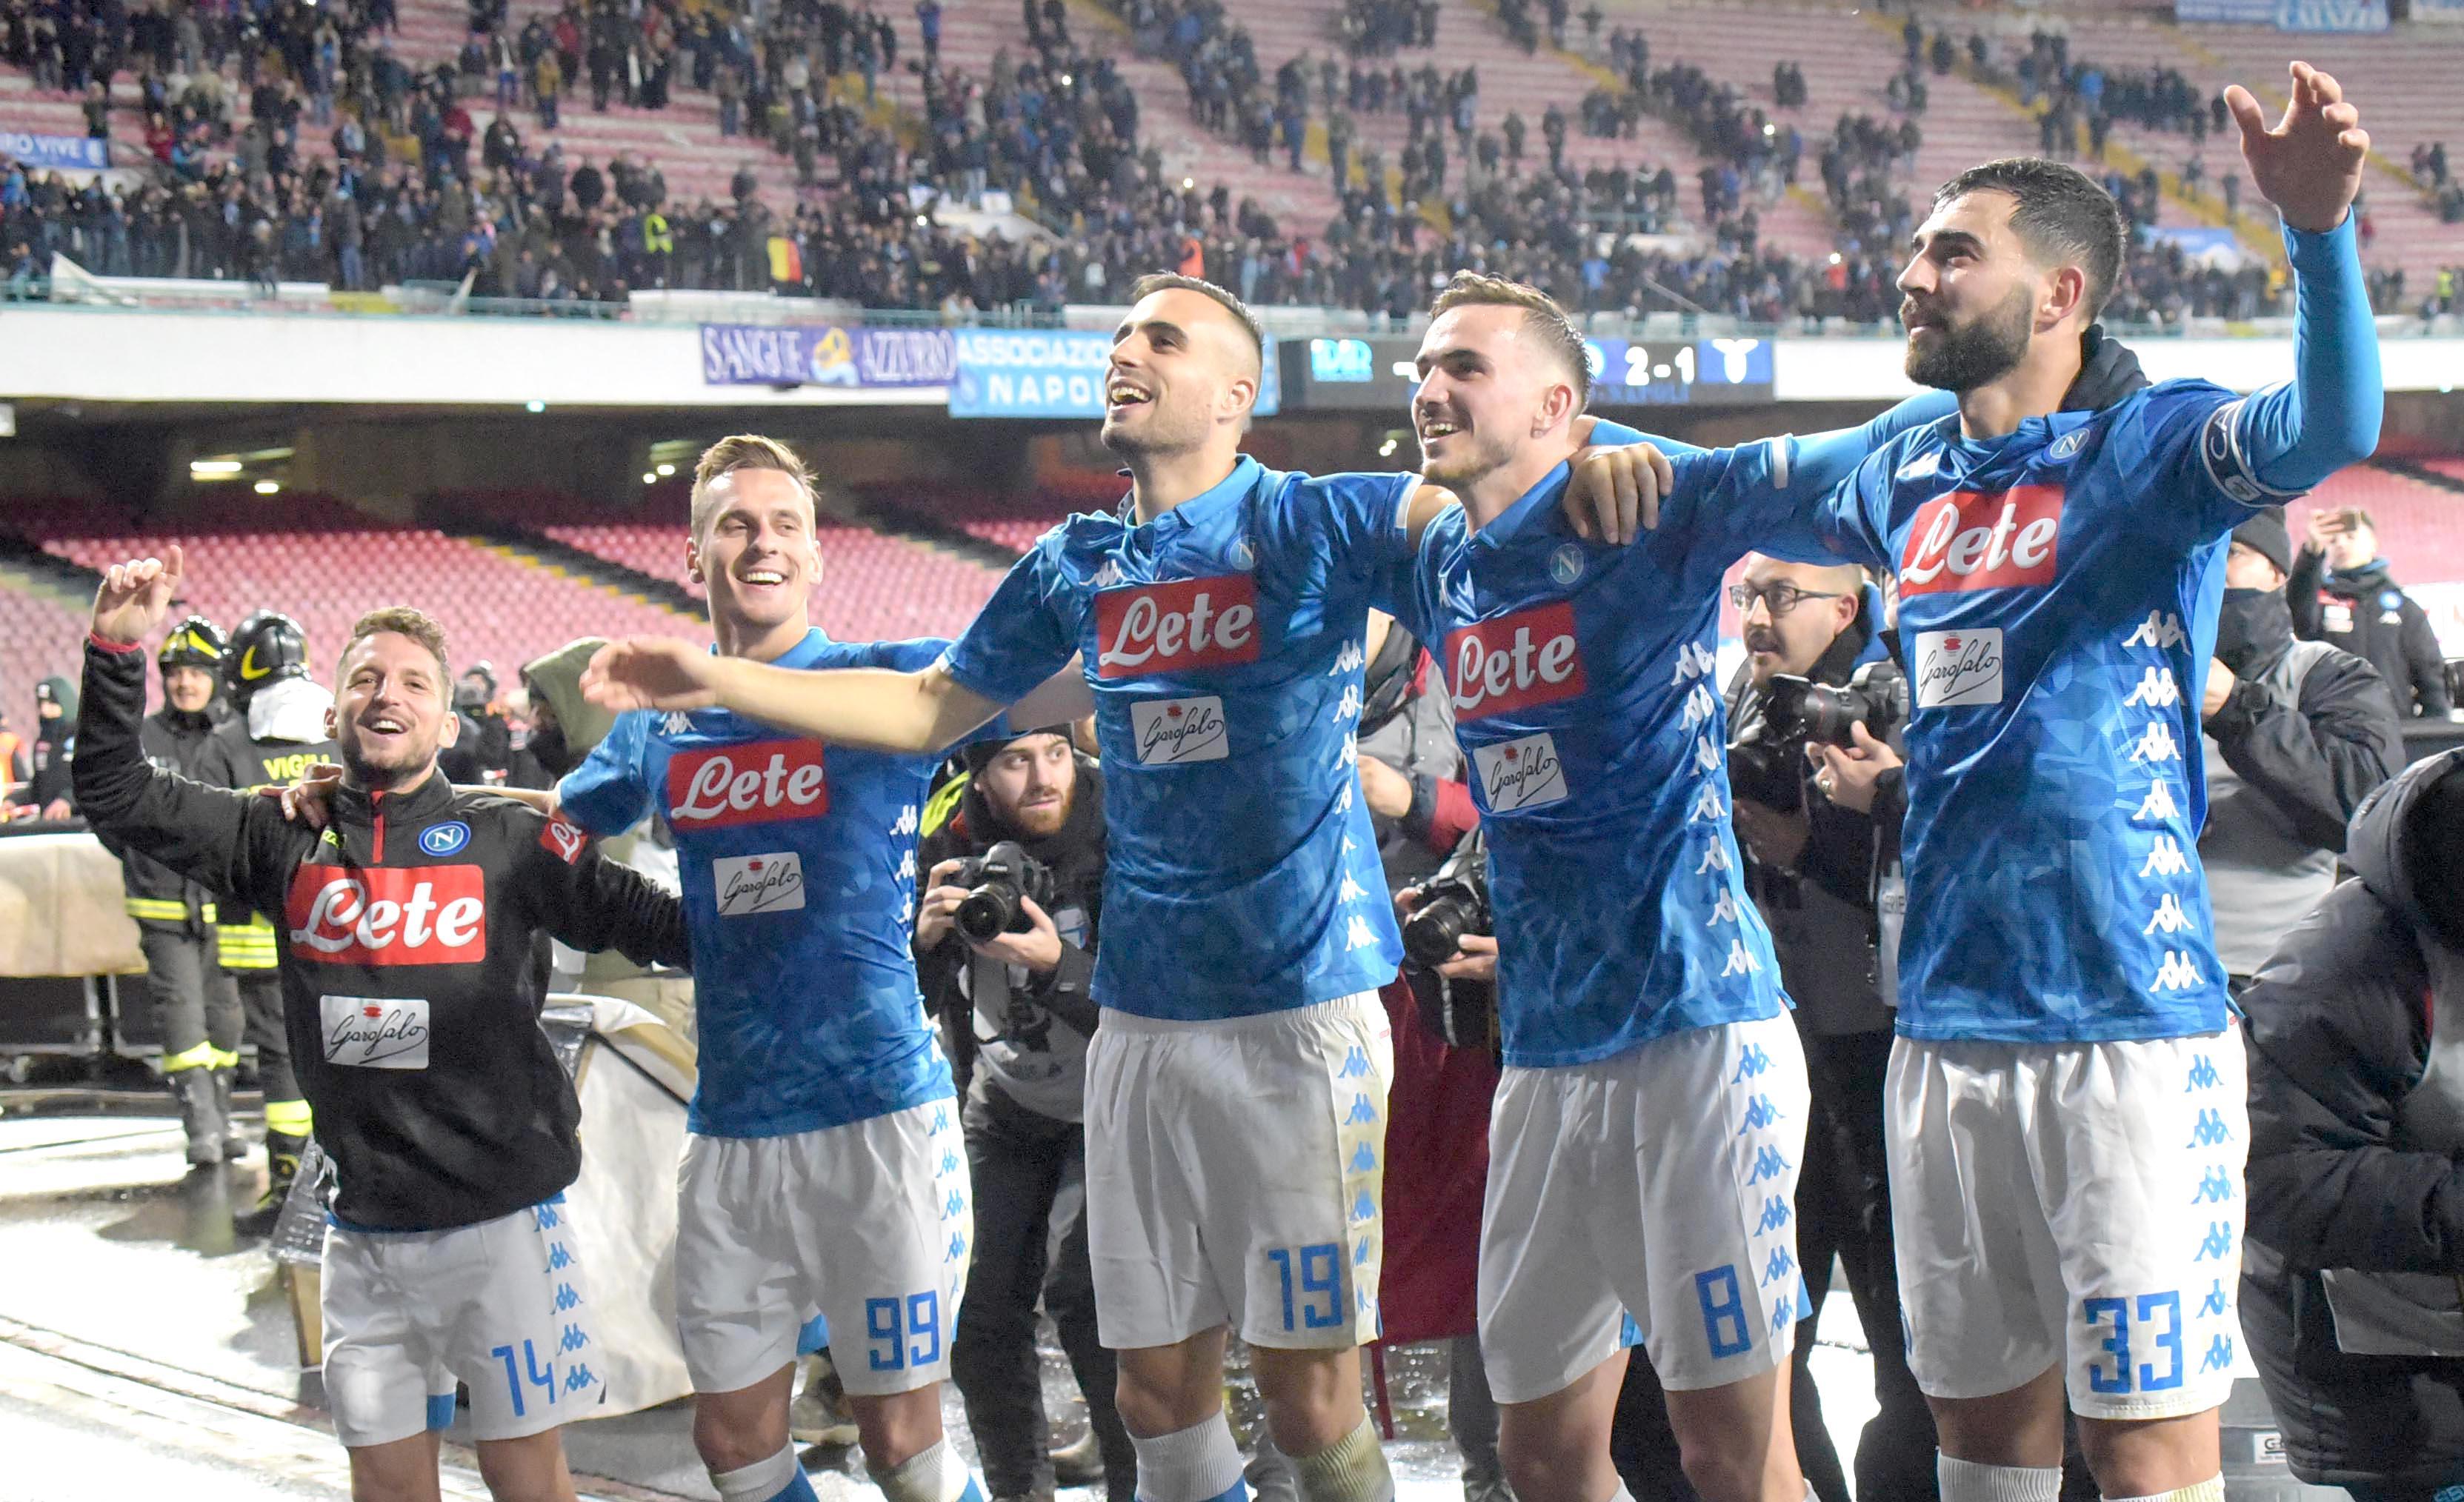 Calcio: il Napoli batte la Lazio e insegue la Juve. Tre pali colpiti dagli azzurri